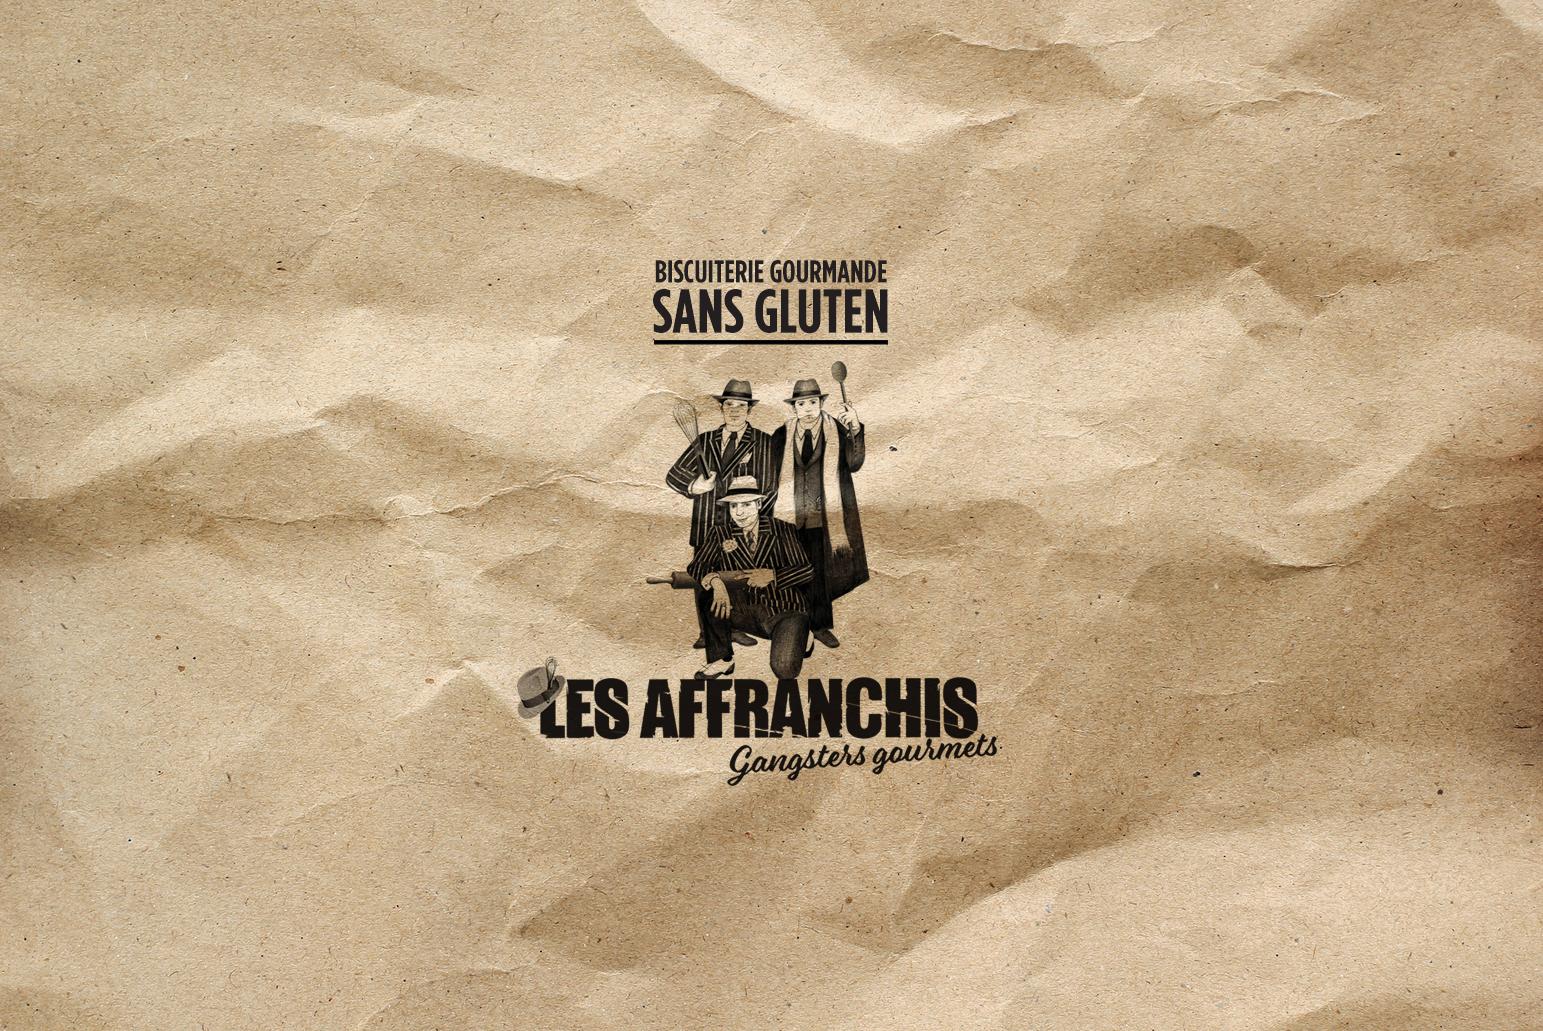 ©Les Affranchis - Studio de création Isabelle Sallé